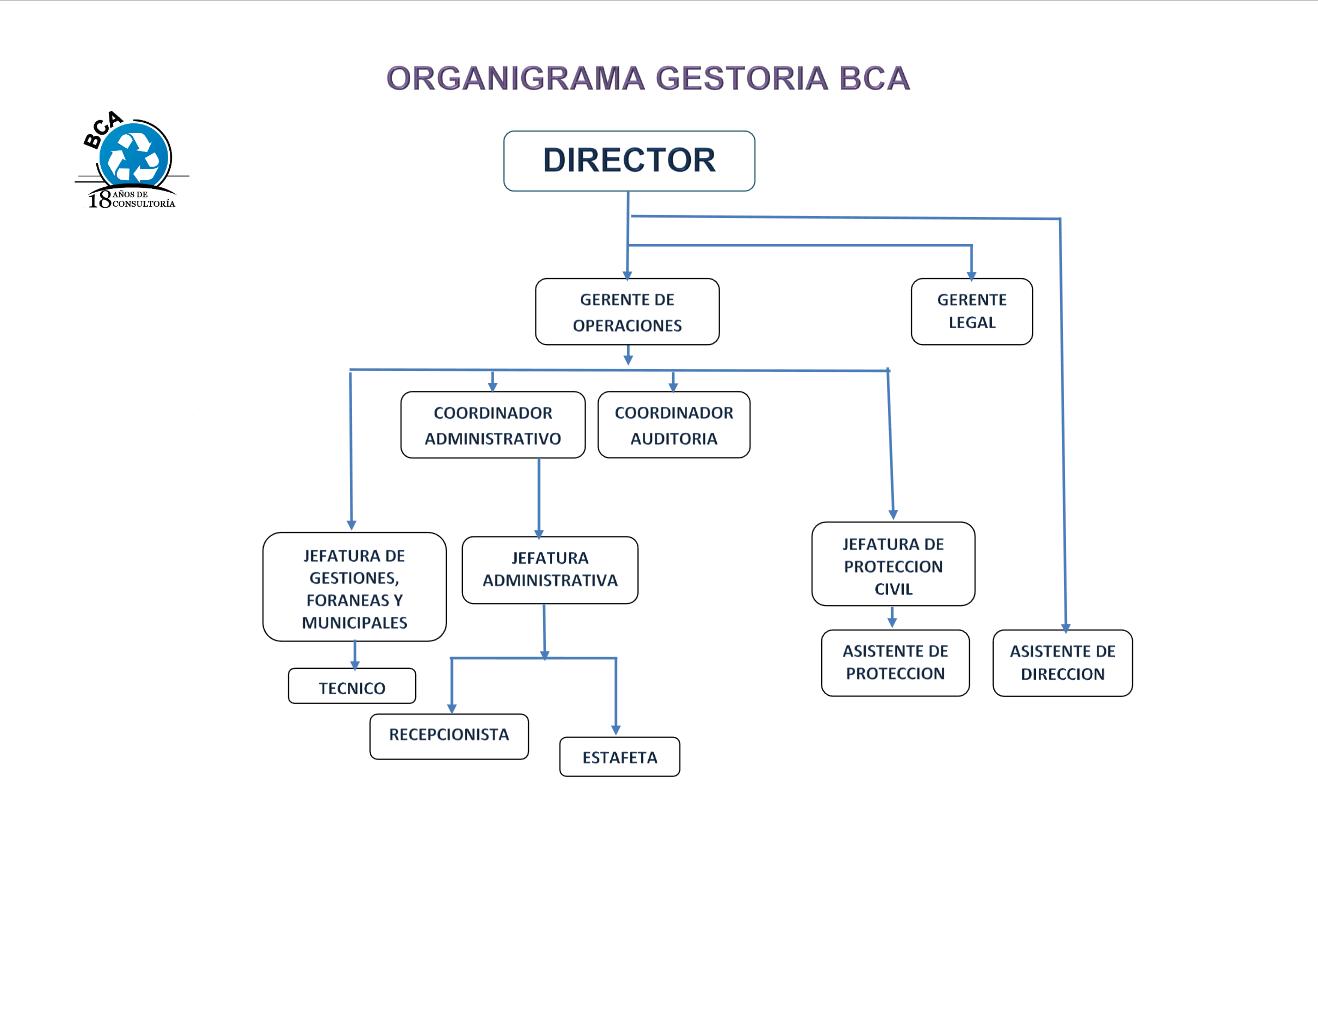 Organigrama Gestoría BCA